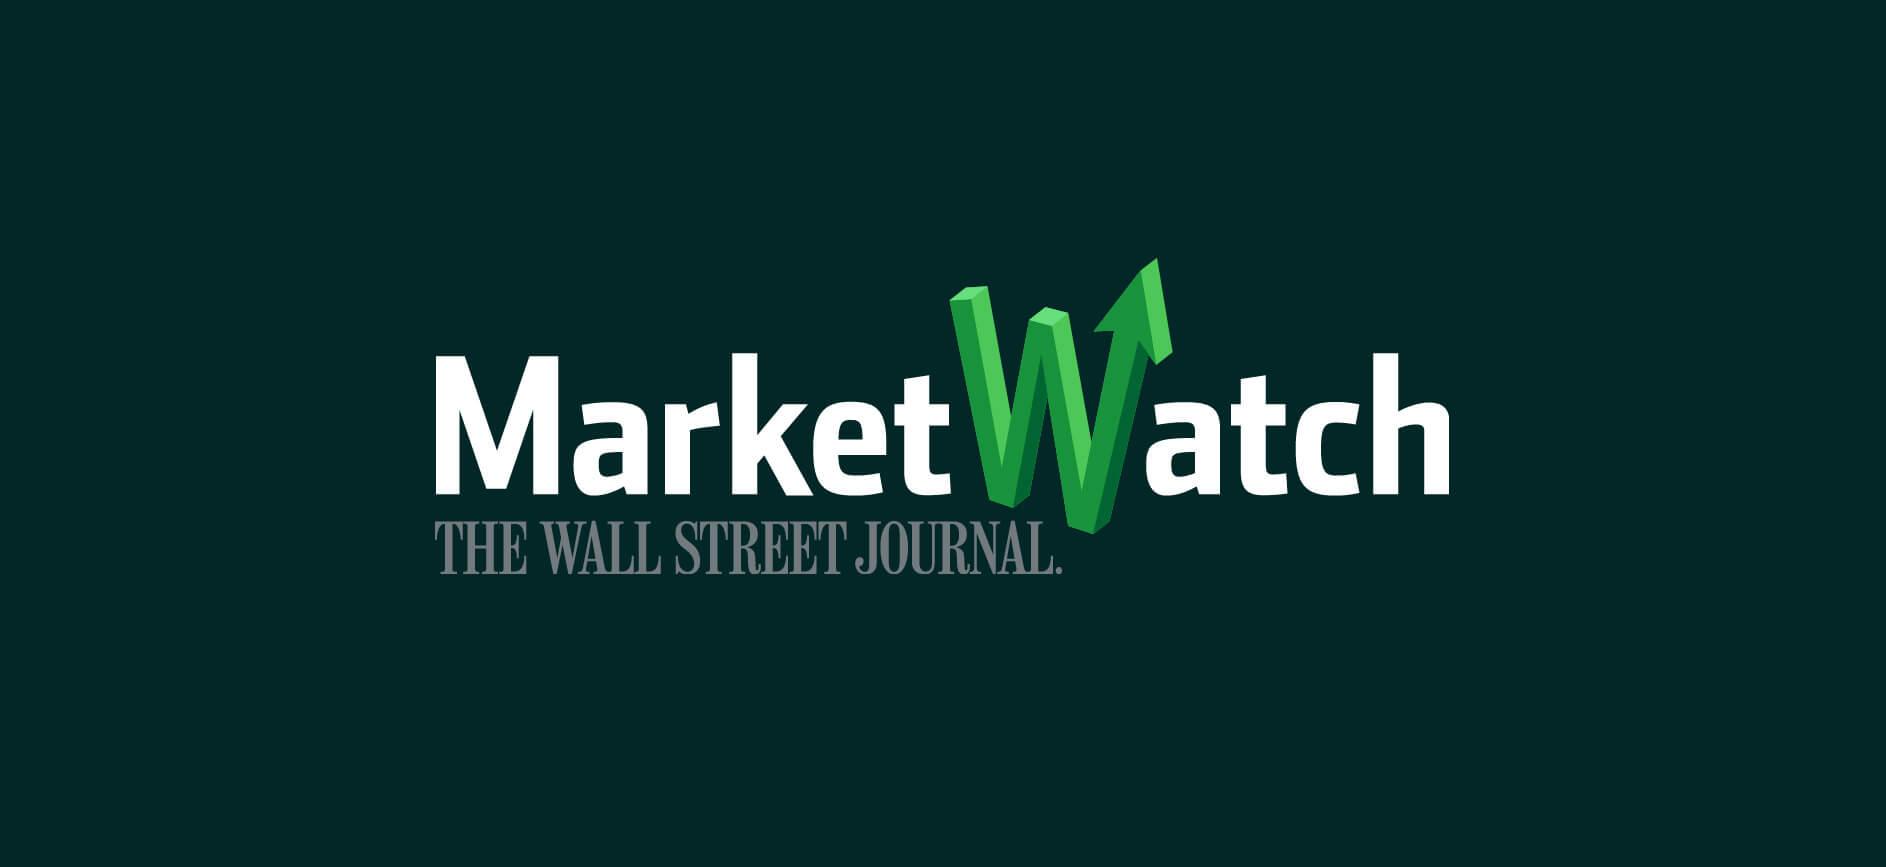 MarketWatch будет отслеживать 8 новых цифровых инструментов